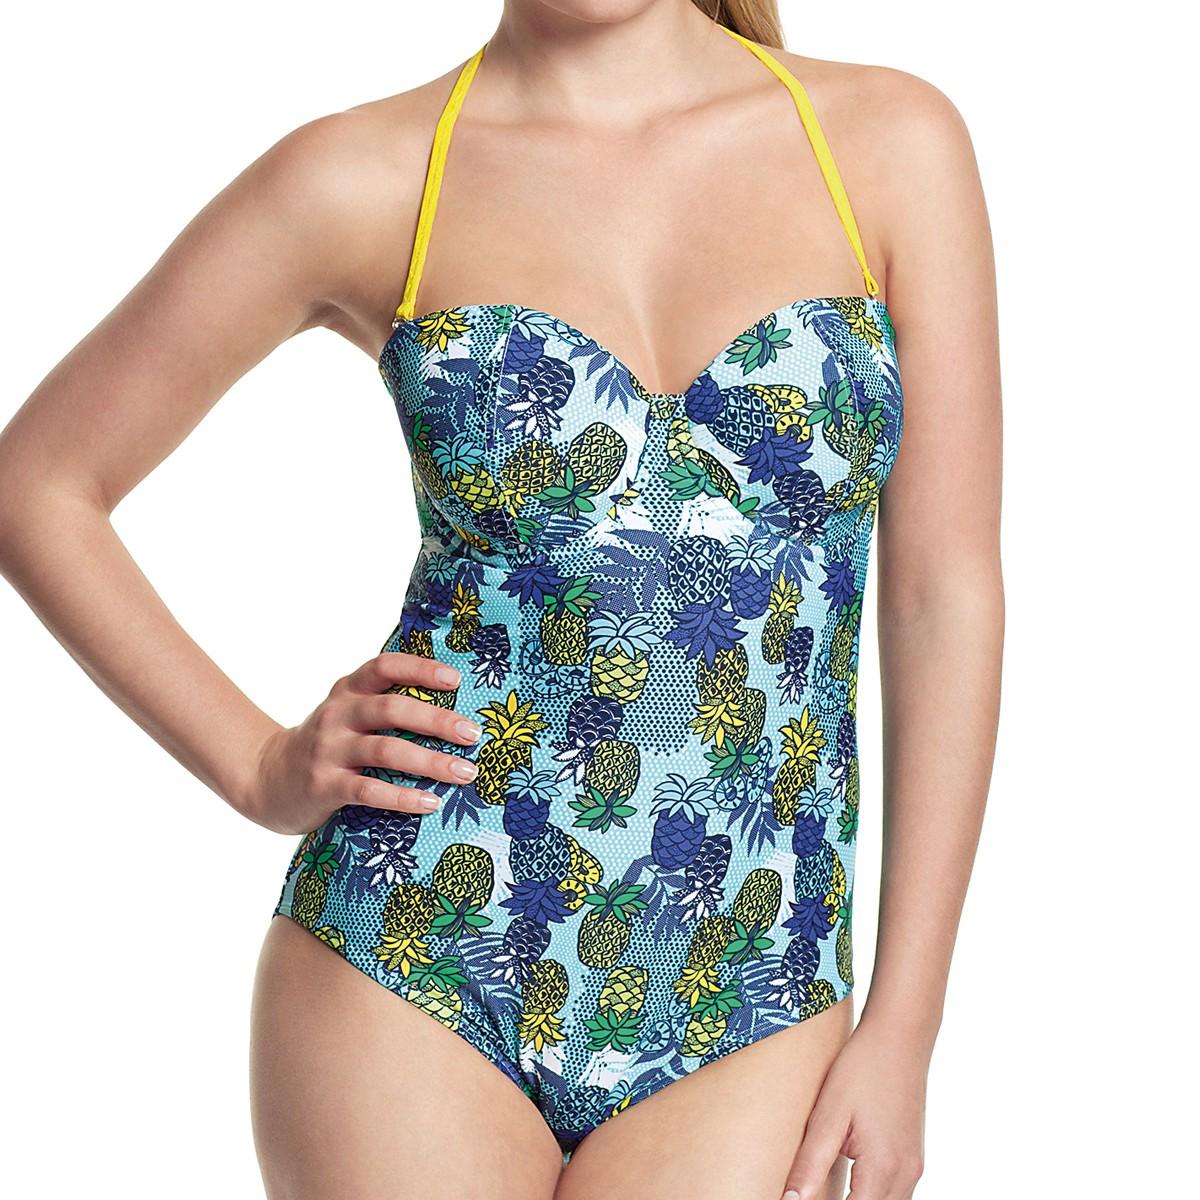 Panache Cleo Carmen Bandeau Swimsuit - Tropical Print